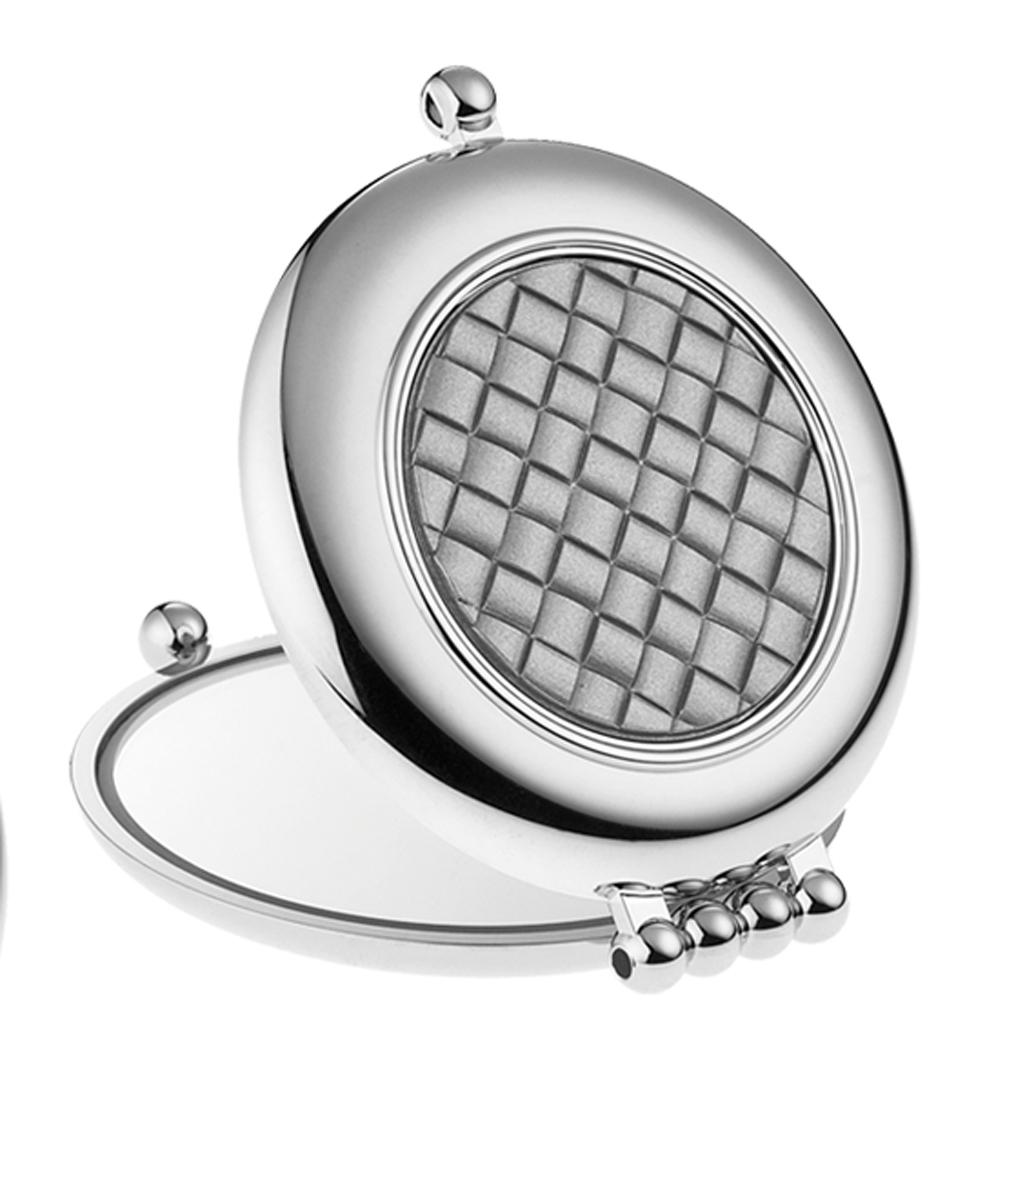 Janeke Зеркало для сумки D65, CR484.3T6.1301210Марка Janeke – мировой лидер по производству расчесок, щеток, маникюрных принадлежностей, зеркал и косметичек. Марка Janeke, основанная в 1830 году, вот уже почти 180 лет поддерживает непревзойденное качество своей продукции, сочетая новейшие технологии с традициями ста- рых миланских мастеров. Все изделия на 80% производятся вручную, а инновационные технологии и современные материалы делают продукцию марки поистине уникальной. Стильный и эргономичный дизайн, яркие цветовые решения – все это приносит истин- ное удовольствие от использования аксессуаров Janeke. Компактные зеркала Janeke имеют линзы с обычным и трехкратным увеличением, которые позволяют быстро и легко поправить макияж в дороге. А благодаря стильному дизайну и миниатюрному размеру компактное зеркало Janeke станет любимым аксессуаром любой женщины.